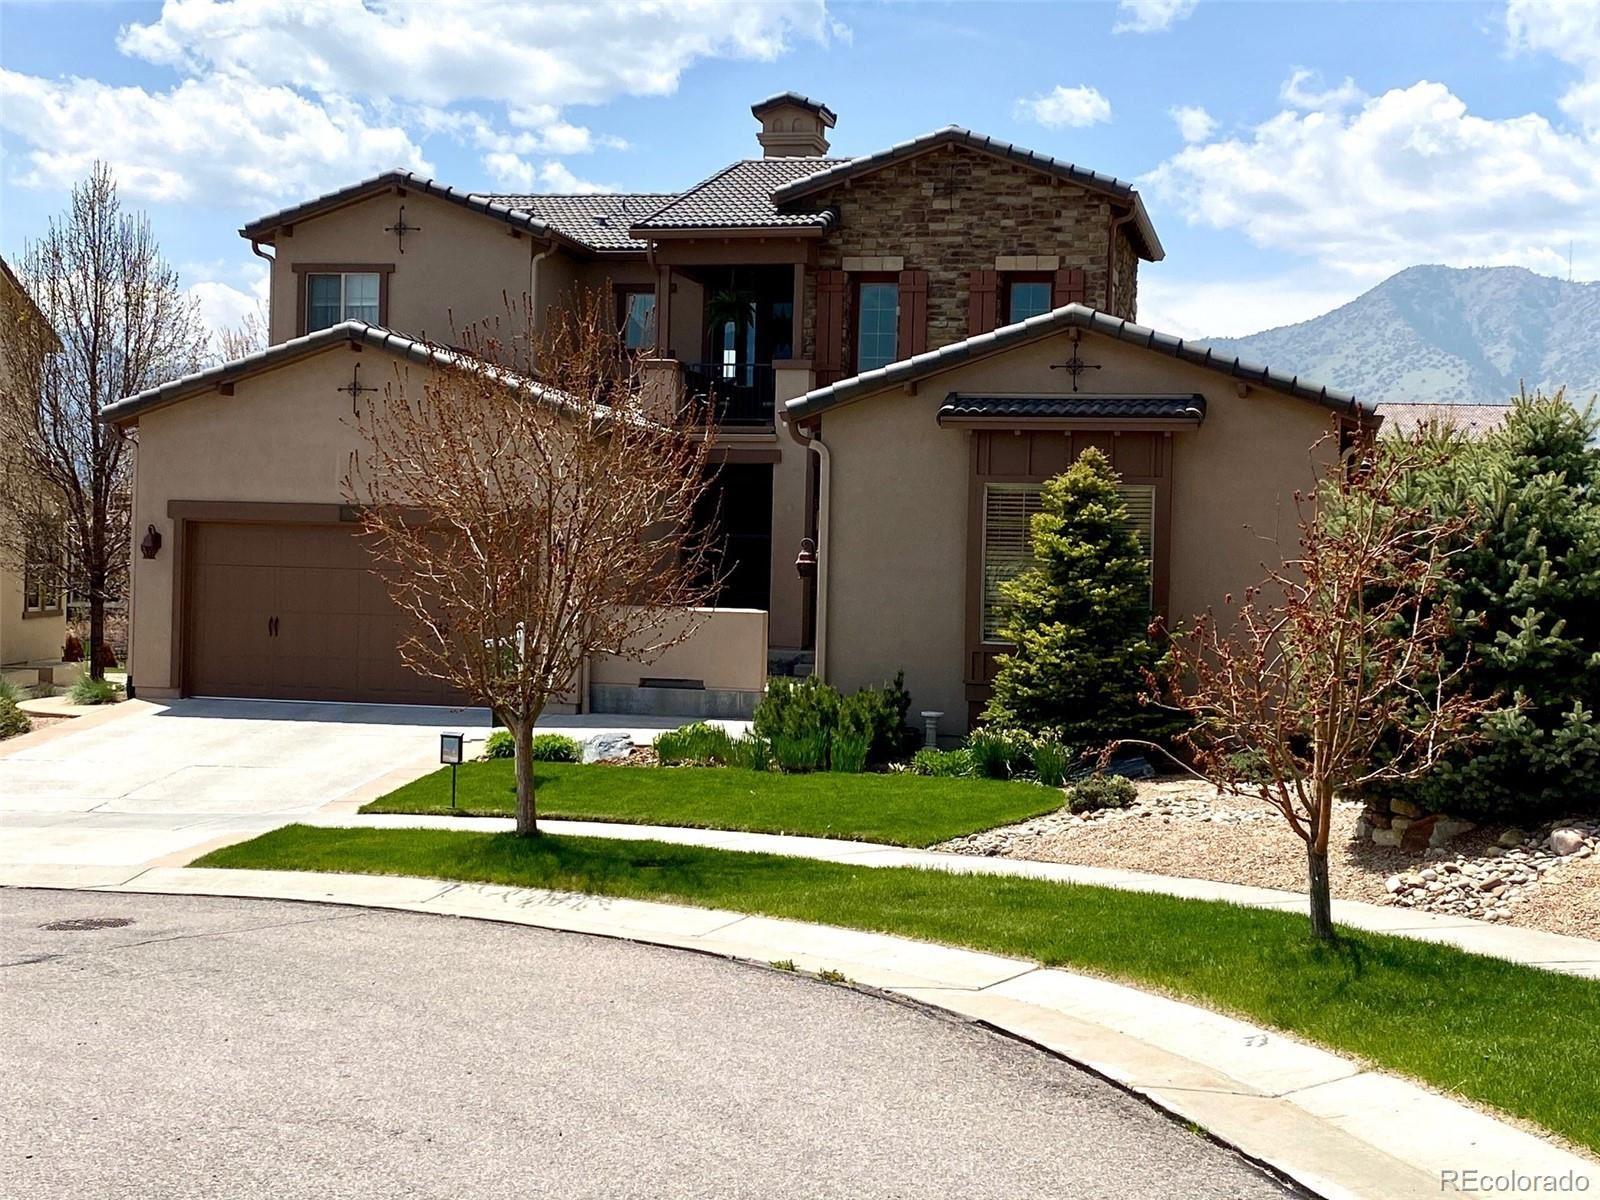 15015 W Warren Avenue, Lakewood, CO 80228 - #: 9577708